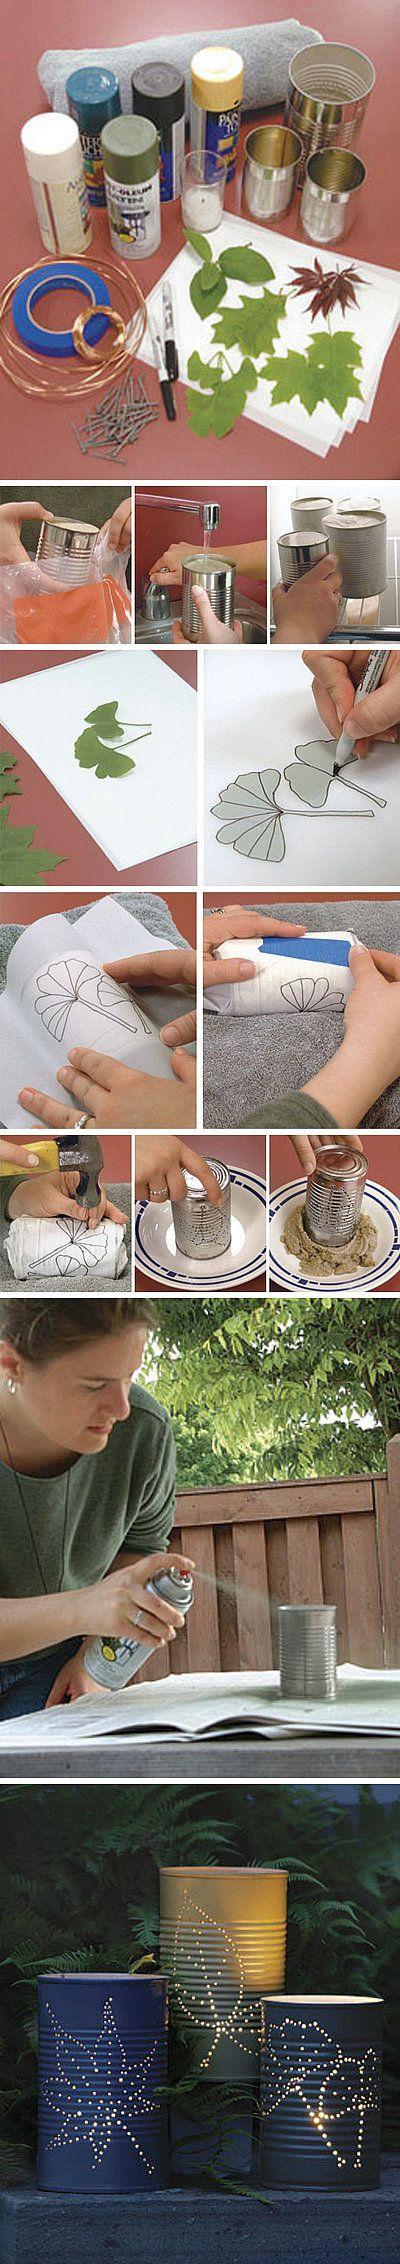 Fotos mais inspiradoras e fotos - 96195.com